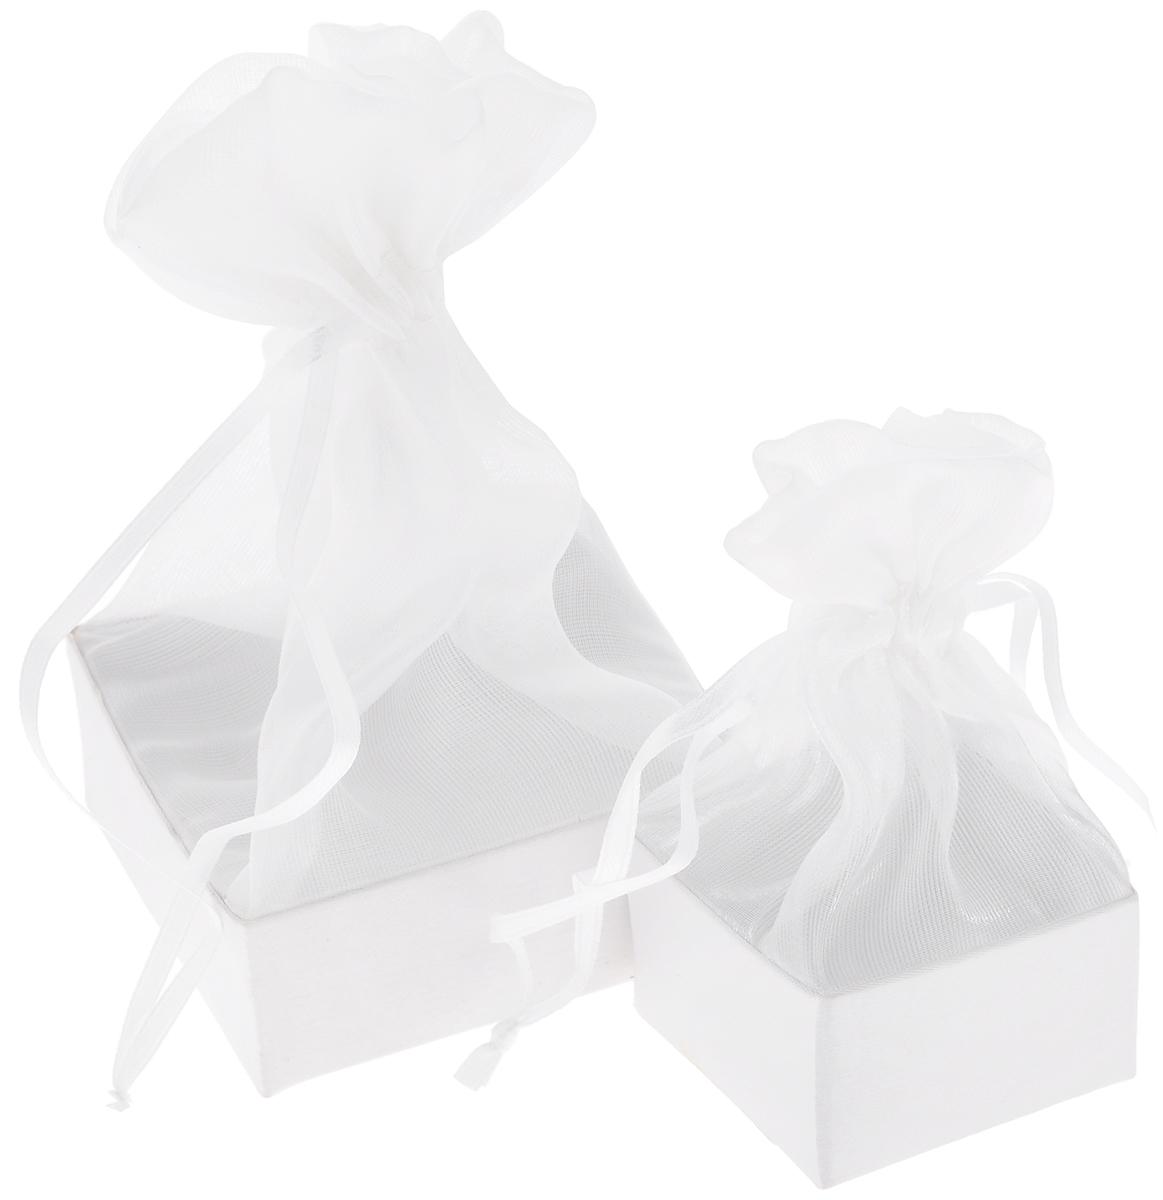 Набор подарочных коробок Piovaccari Тиффани, цвет: белый, 2 шт1898P 01Набор Piovaccari Тиффани состоит из двух подарочных коробок разного размера. Коробки выполнены в виде мешочков, которые затягиваются и завязываются лентой. Основание коробок изготовлено из твердого картона и обтянуто органзой. Набор Piovaccari Тиффани станет одним из самых оригинальных вариантов упаковки для подарка. Яркий дизайн будет долго напоминать владельцу о трогательных моментах получения подарка. Размер большой коробки: 7,5 х 7,5 х 16 см. Размер малой коробки: 5 х 5 х 11 см.